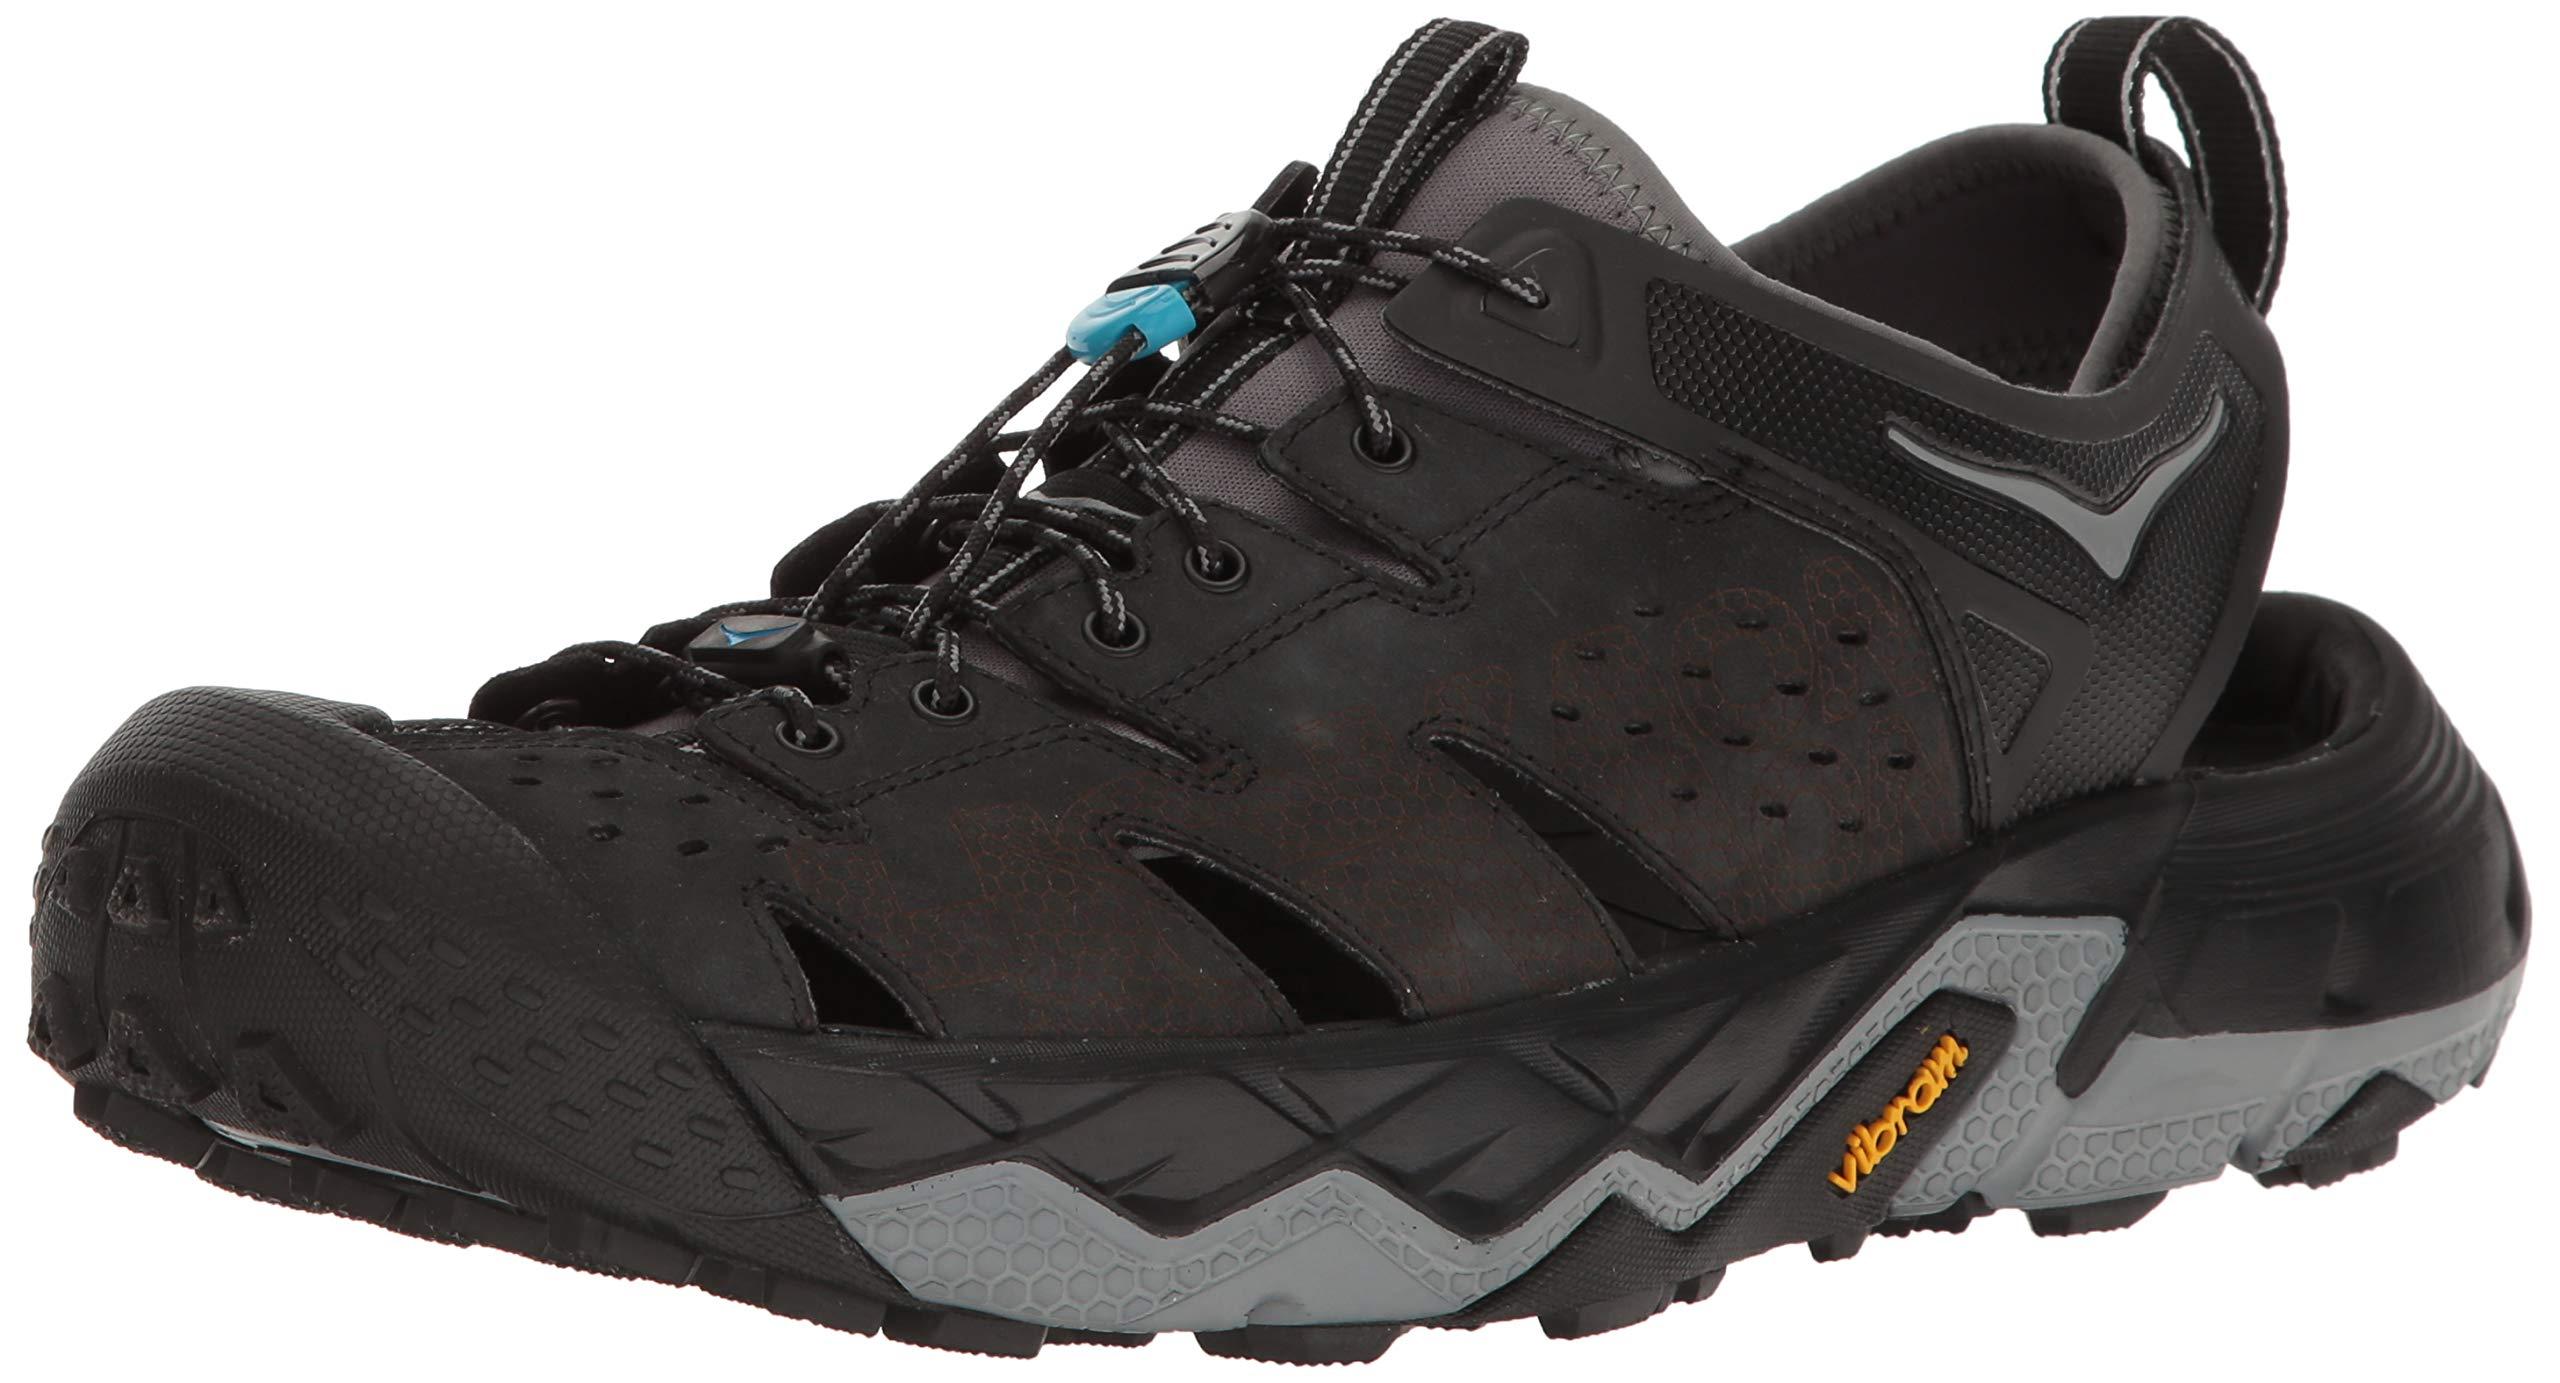 HOKA ONE ONE Men's Tor Trafa Hiking Sandal,Anthracite/Black,US 11.5 M by HOKA ONE ONE